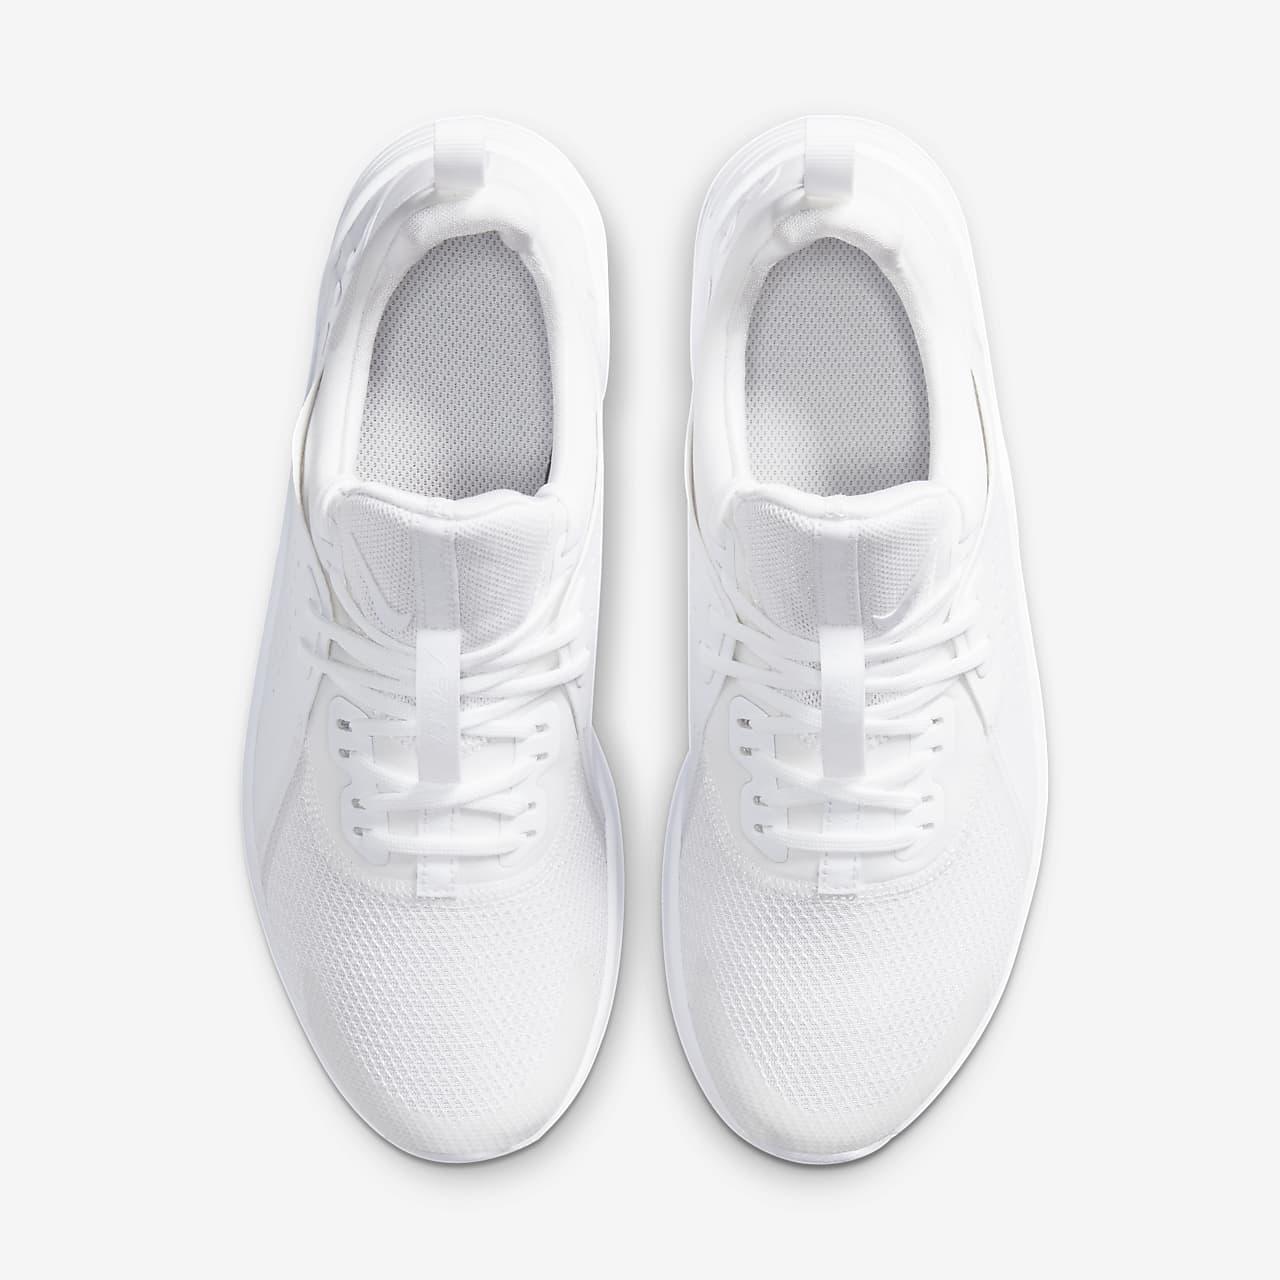 유럽직배송 나이키 NIKE Nike Air Max Bella TR 3 Women's Training Shoe CJ0842-102